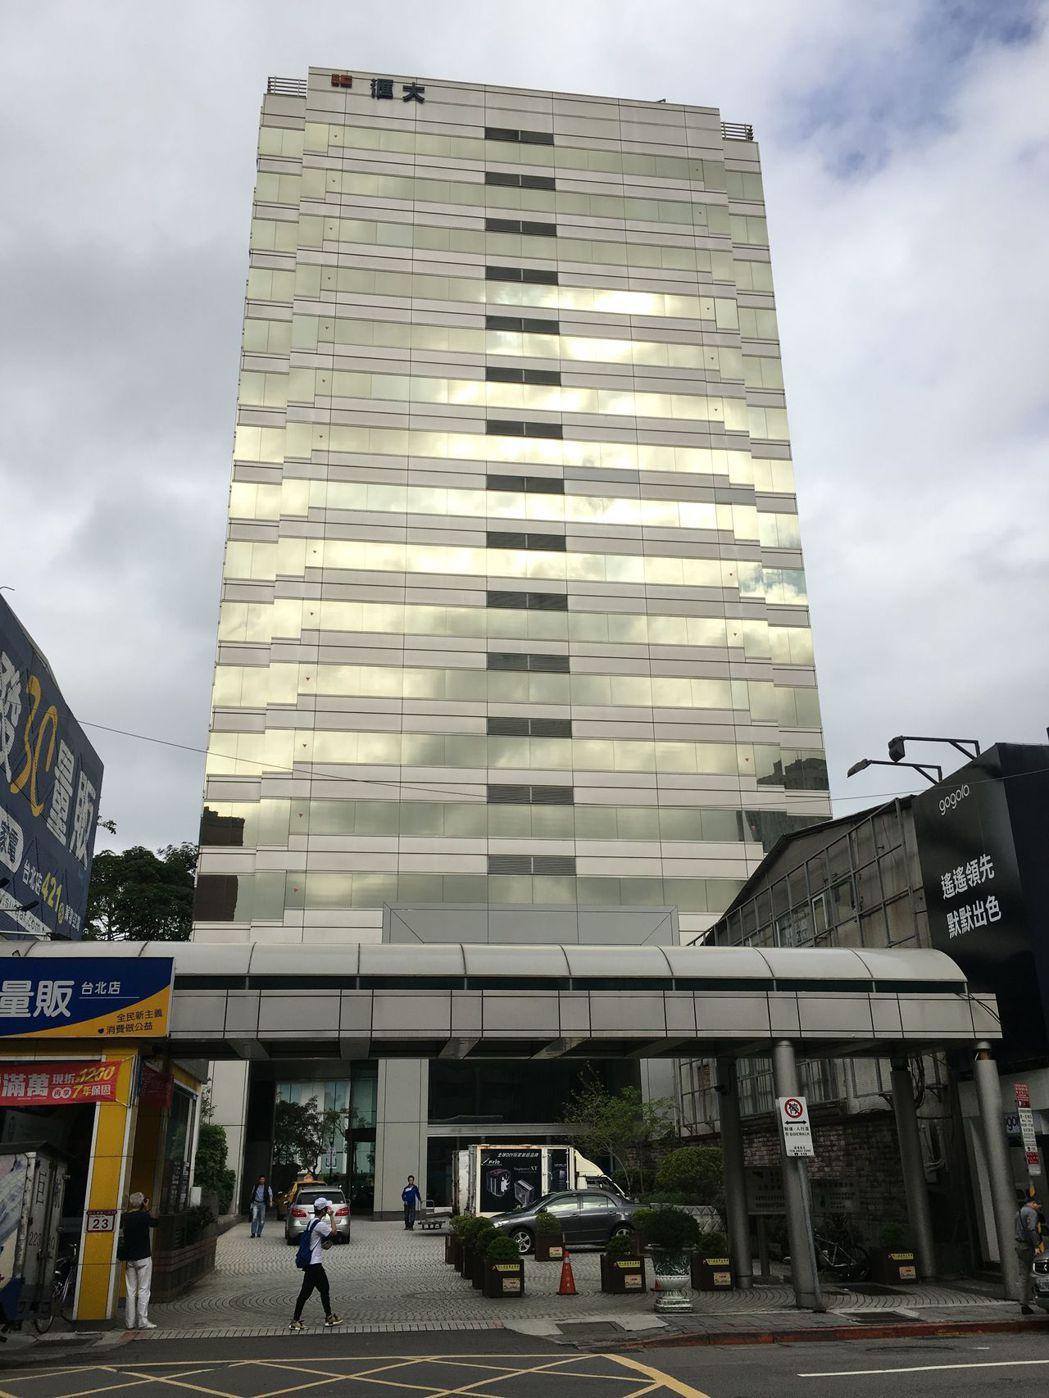 台北市八德路光華商圈匯大大樓外觀 戴德梁行/提供